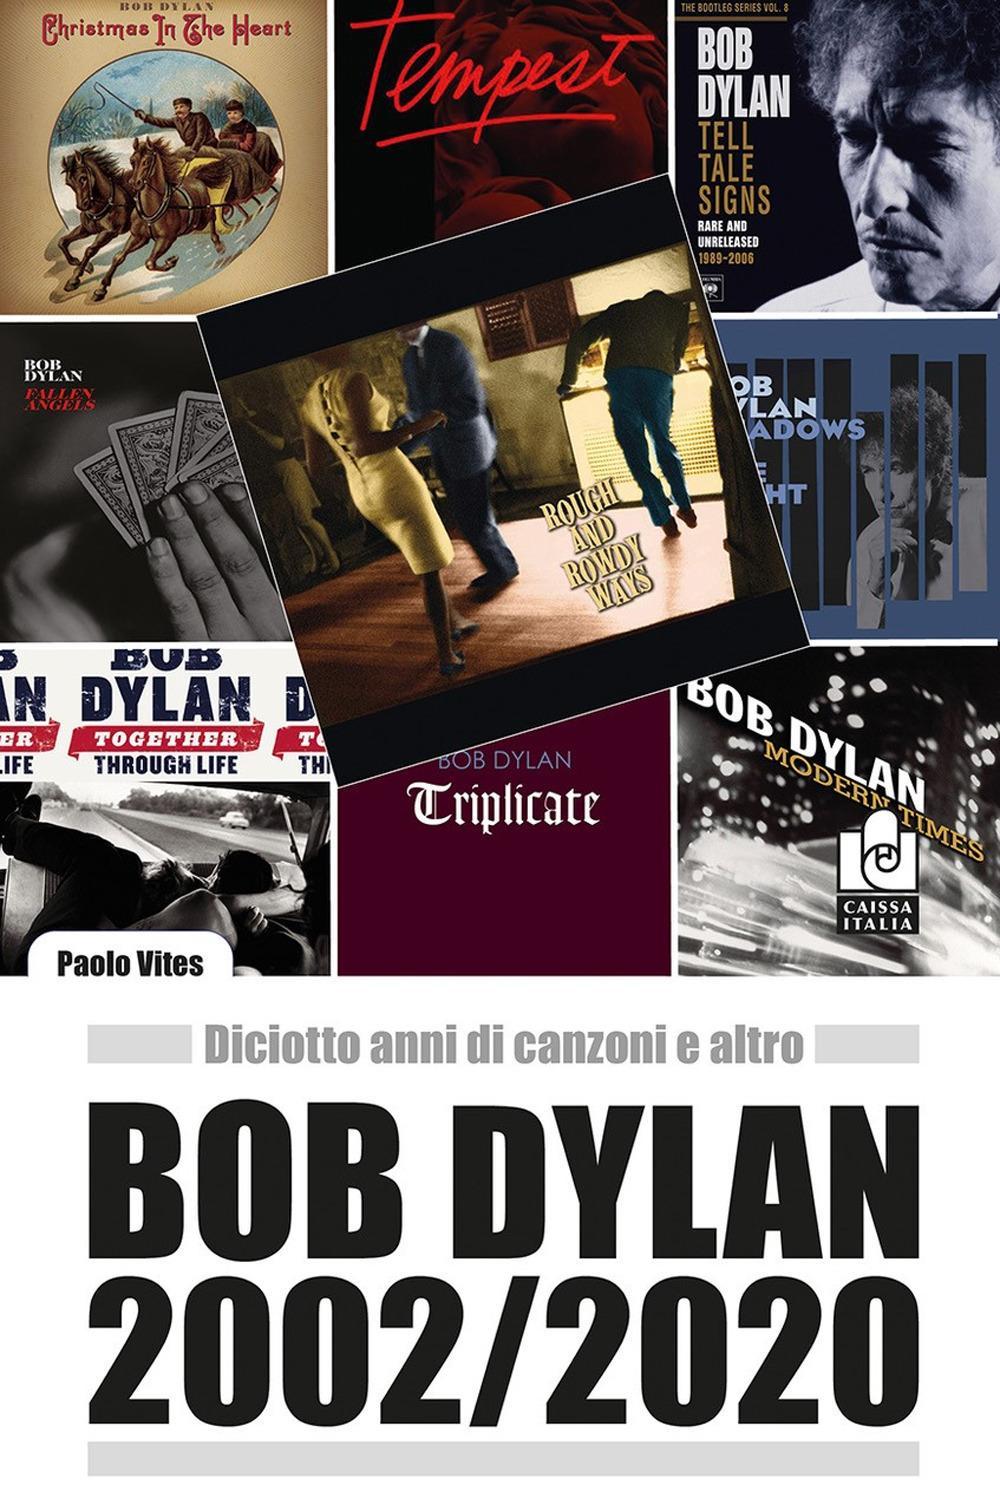 Bob Dylan 2002/2020. Diciotto anni di canzoni e altro